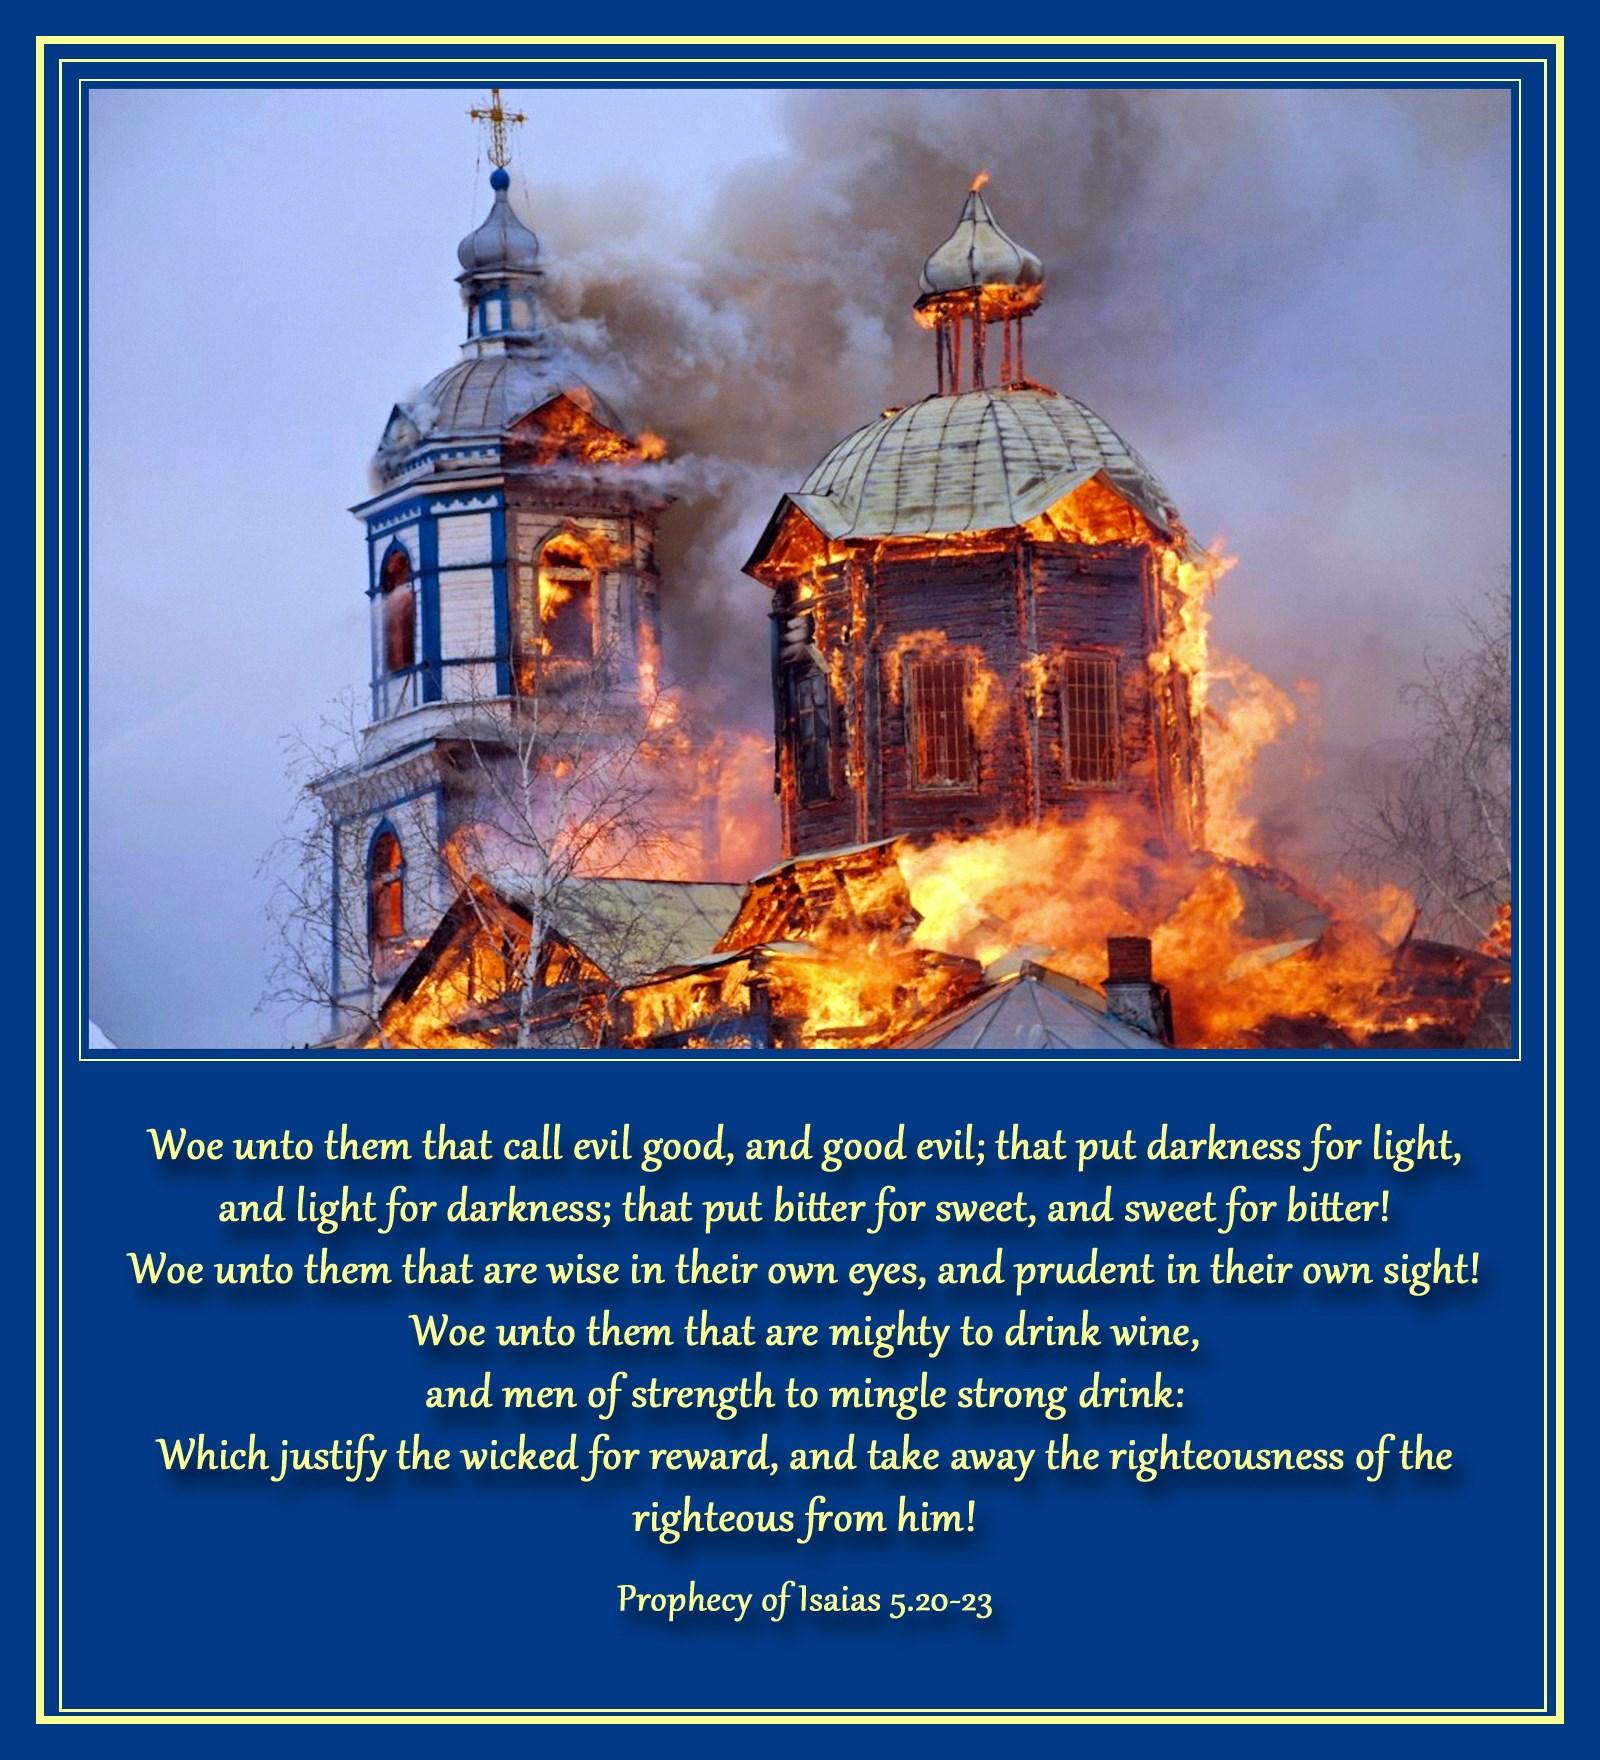 00 burning russian church in novorossiya. 25.04.15